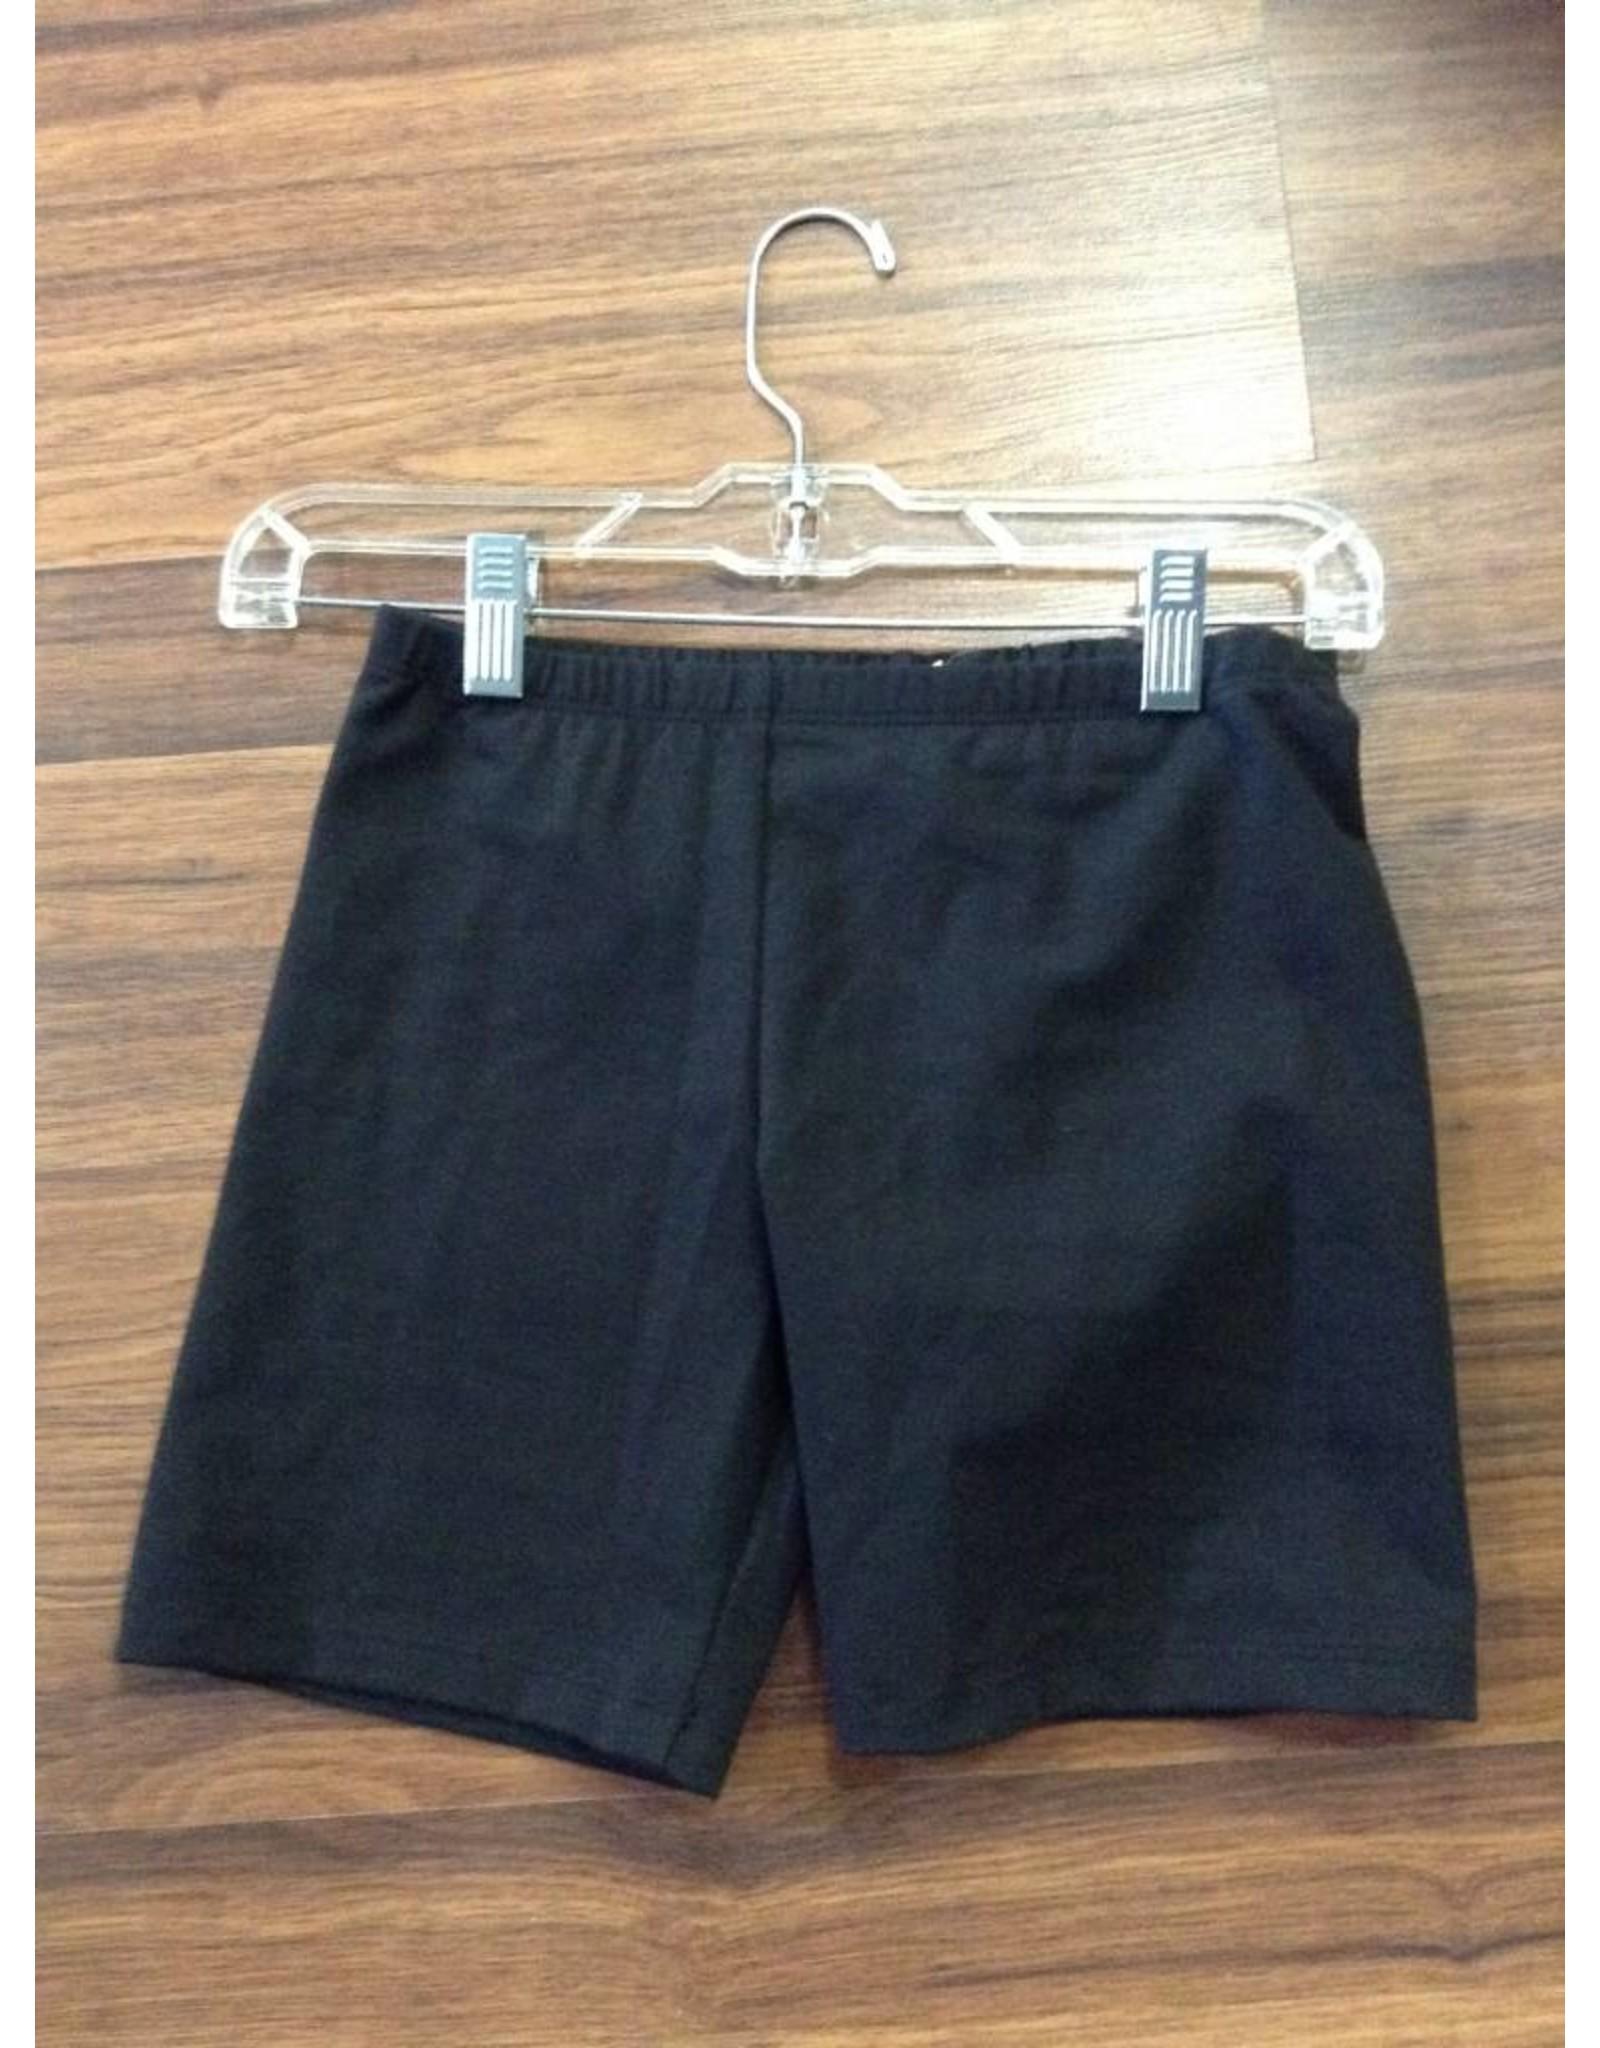 Shorts 5inch Inseam